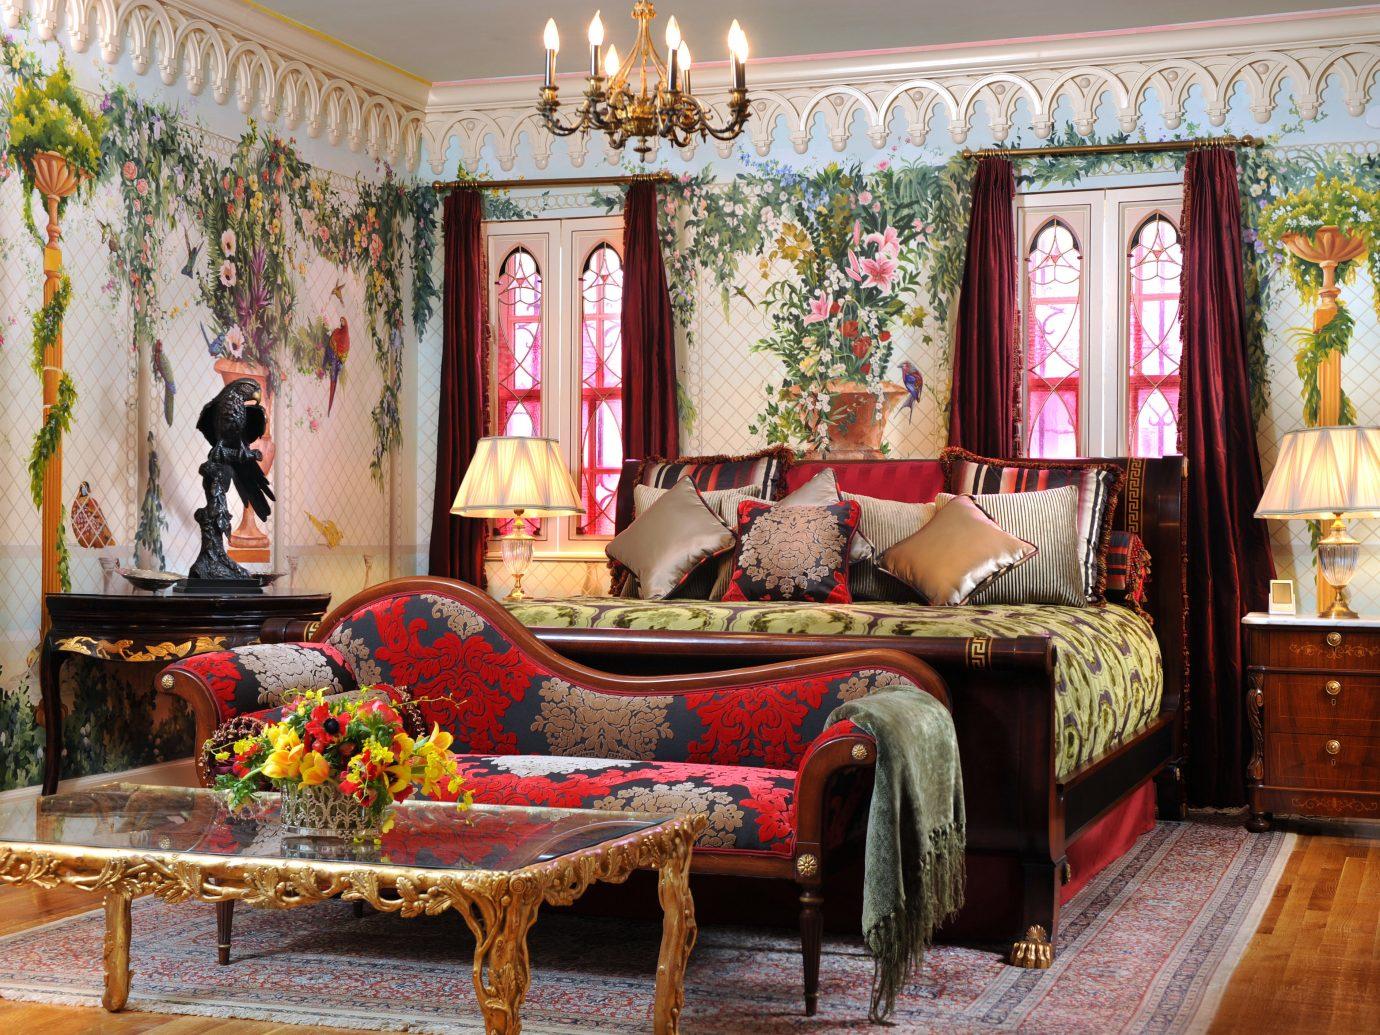 Bedroom at The Villa Casa Casuarina